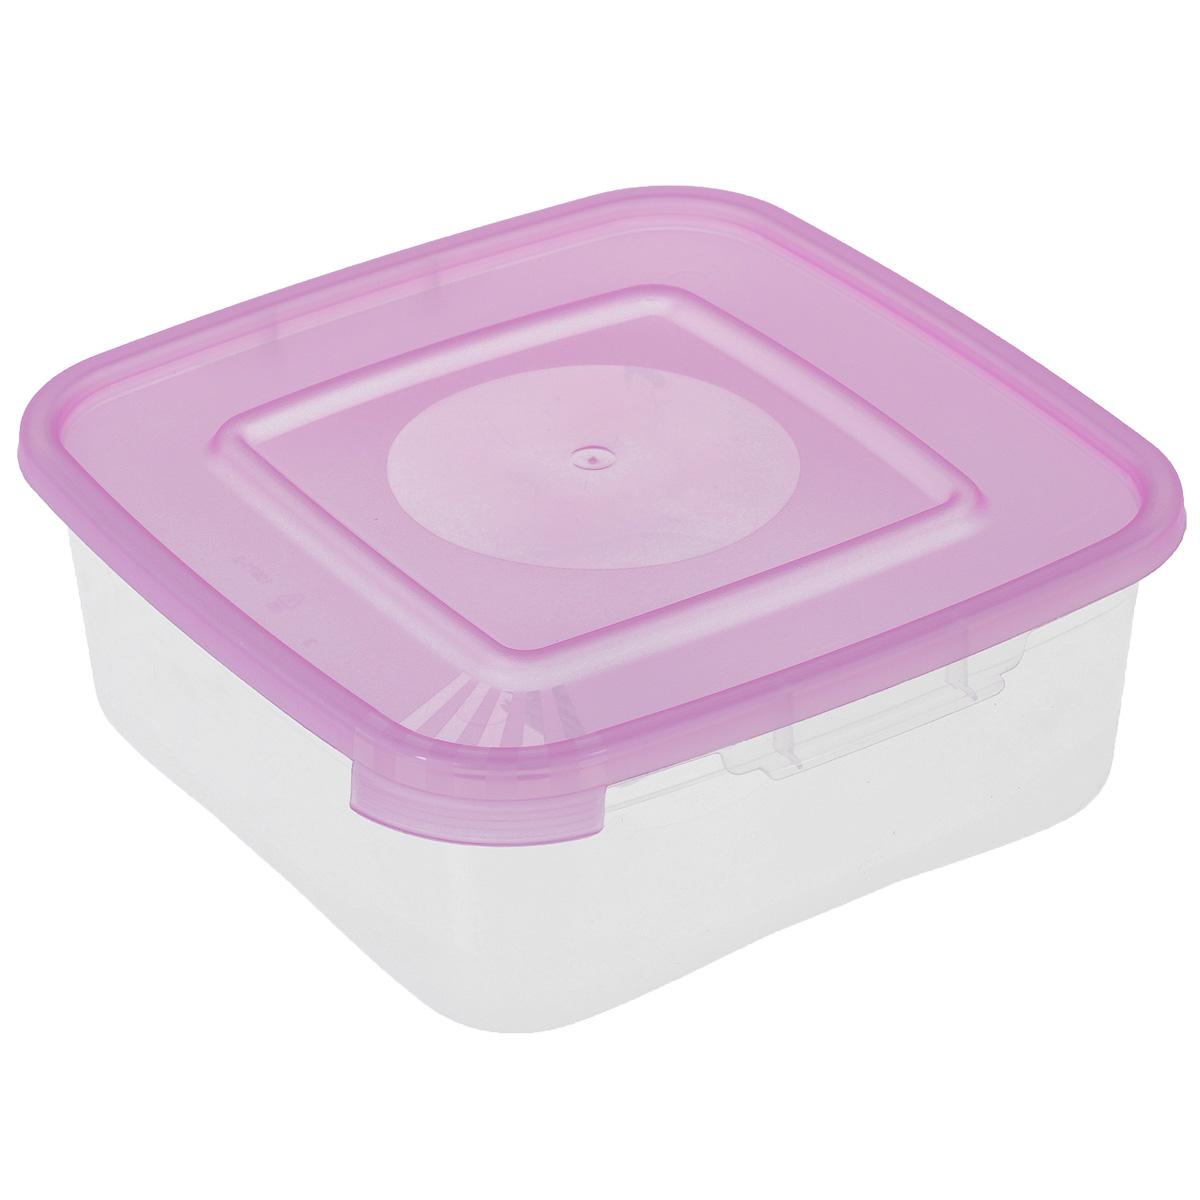 Контейнер Полимербыт Каскад, цвет: розовый, 700 млС640Контейнер Полимербыт Каскад квадратной формы, изготовленный из прочного пластика, предназначен специально для хранения пищевых продуктов. Крышка легко открывается и плотно закрывается.Прозрачные стенки позволяют видеть содержимое. Контейнер устойчив к воздействию масел и жиров, легко моется. Контейнер имеет возможность хранения продуктов глубокой заморозки, обладает высокой прочностью. Можно мыть в посудомоечной машине. Подходит для использования в микроволновых печах.